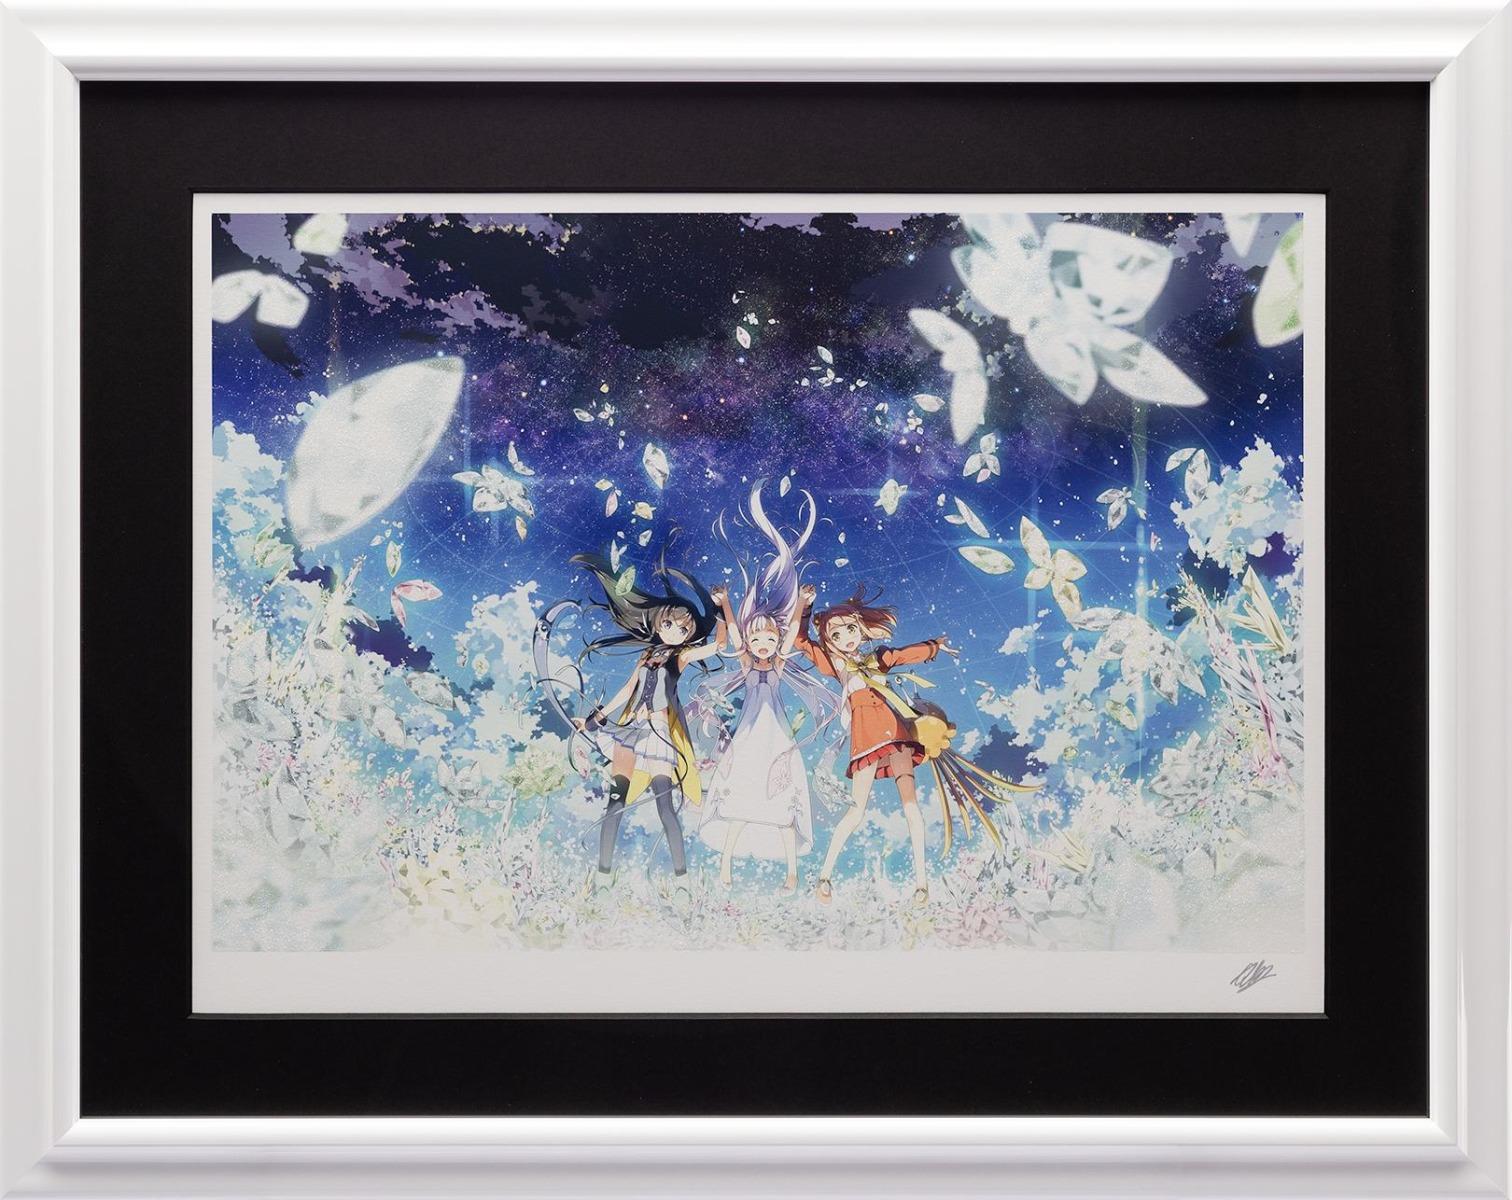 【版画】【中古】 - 夢 - ガラスの花と壊す世界 ミクスドメディア 本人 鉛筆 サイン カントク(Kantoku)